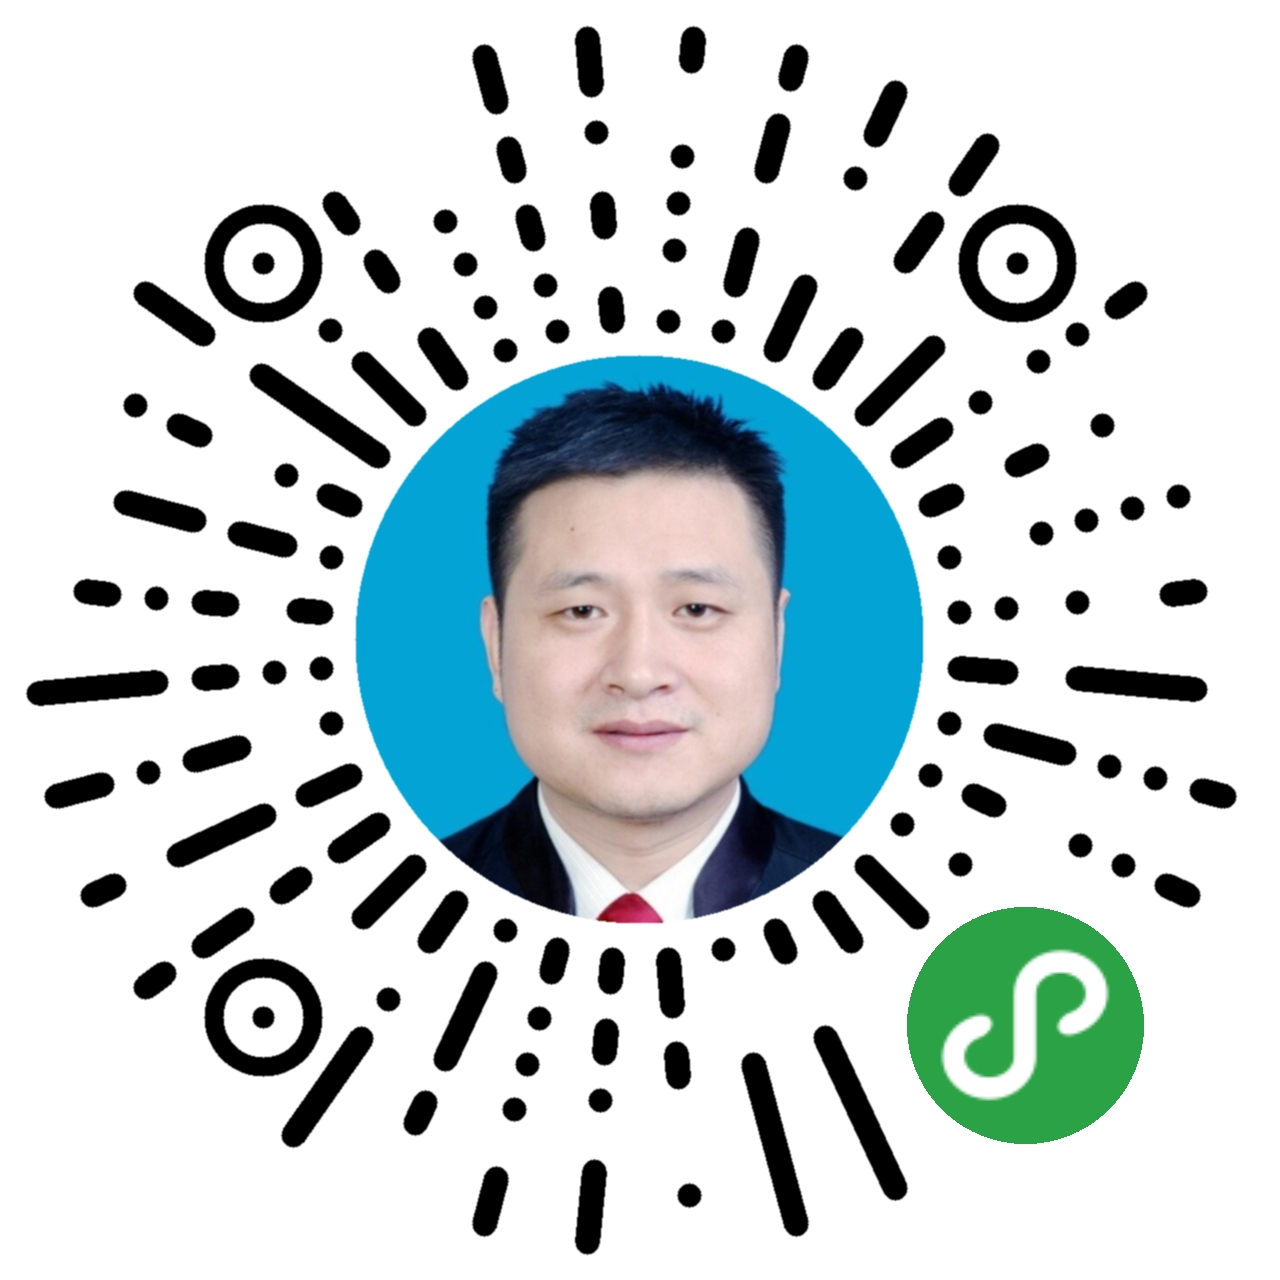 西安未央律师郑朝东案件咨询代理二维码